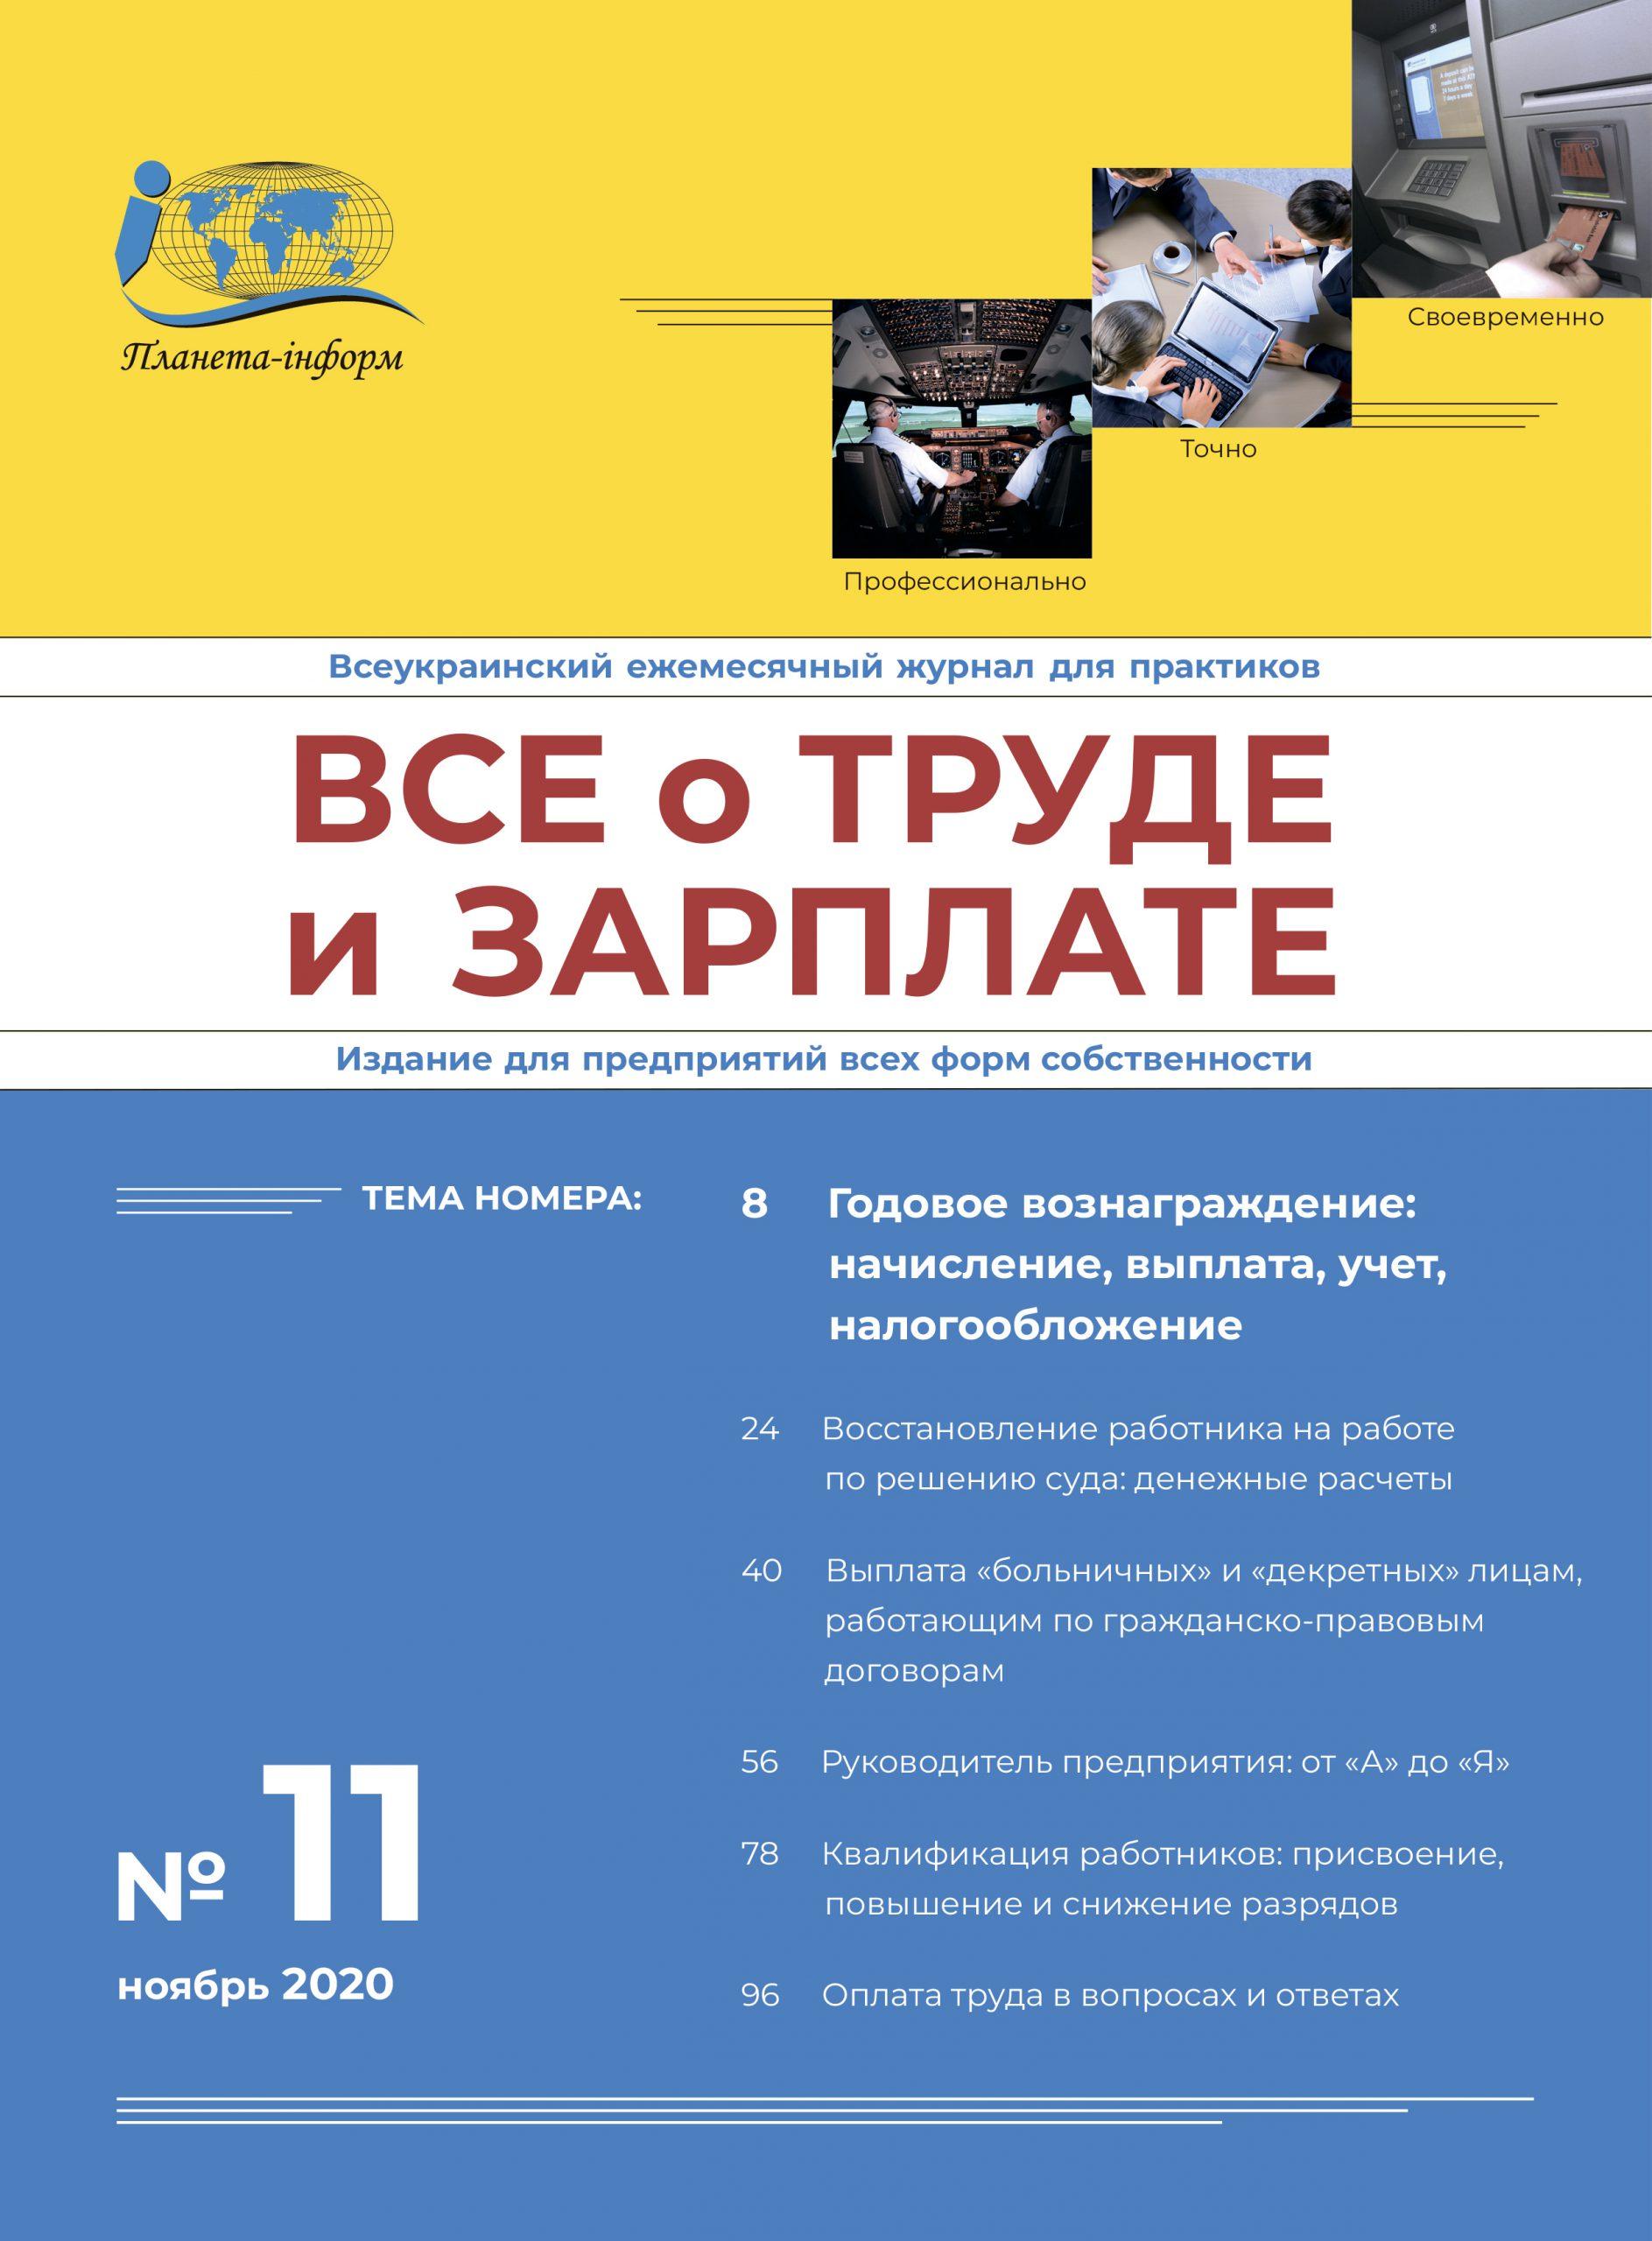 Журнал «Все о труде и зарплате» № 11/2020